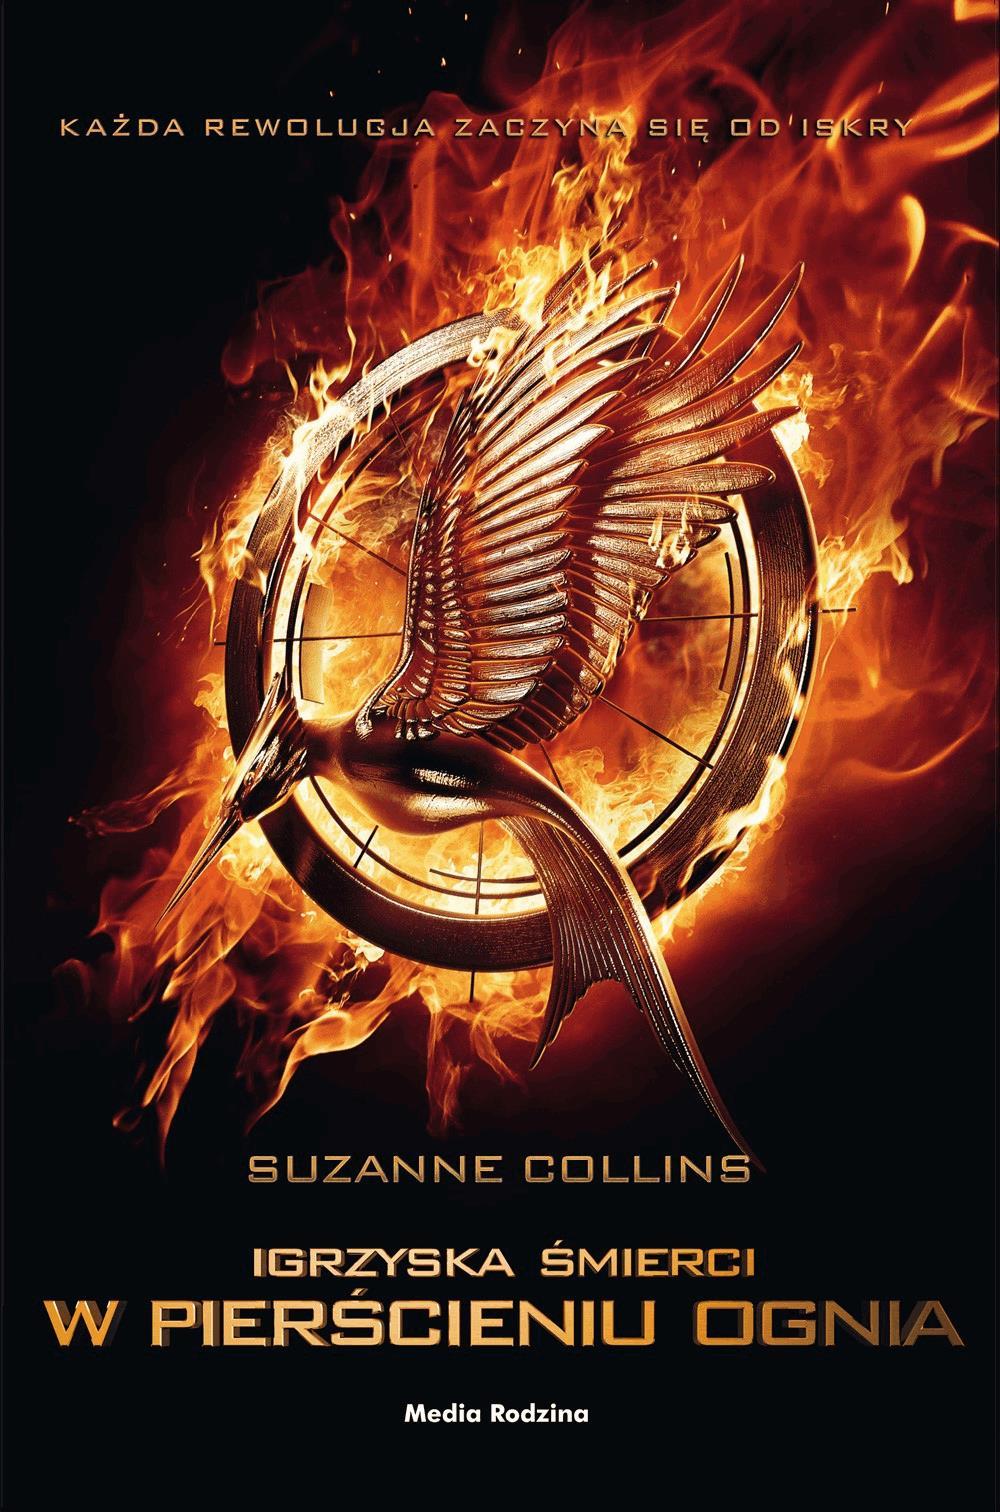 Igrzyska śmierci. W pierścieniu ognia - Tylko w Legimi możesz przeczytać ten tytuł przez 7 dni za darmo. - Suzanne Collins